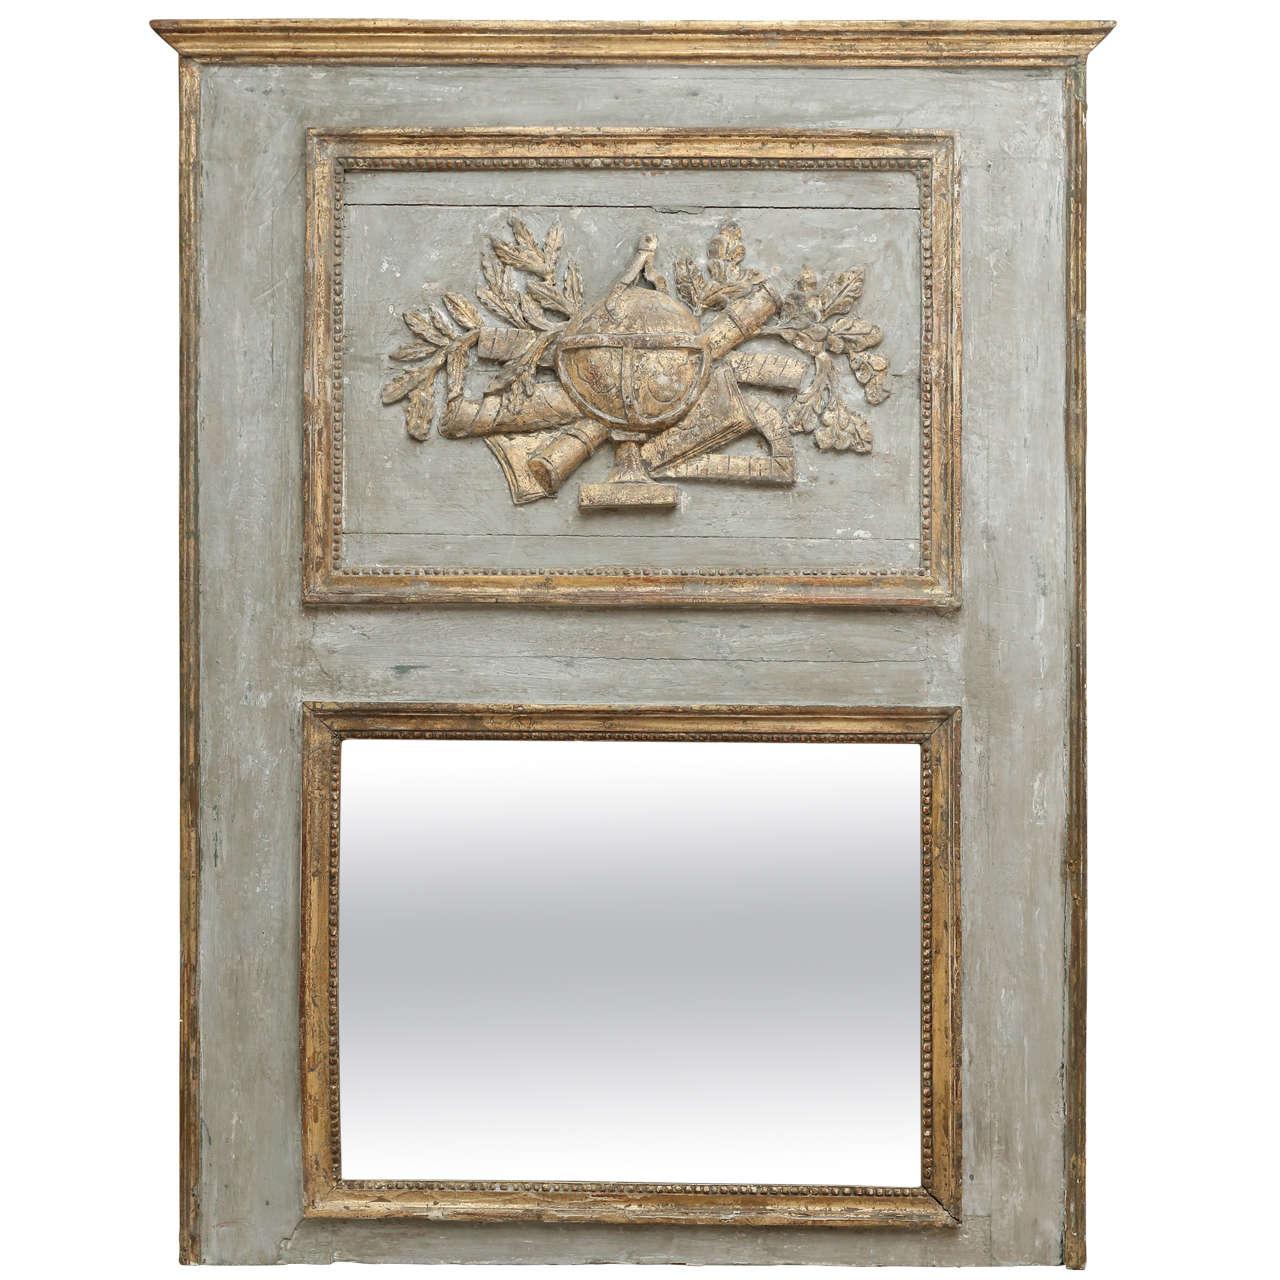 18th century painted trumeau mirror with bois dor detail for Miroir trumeau bois